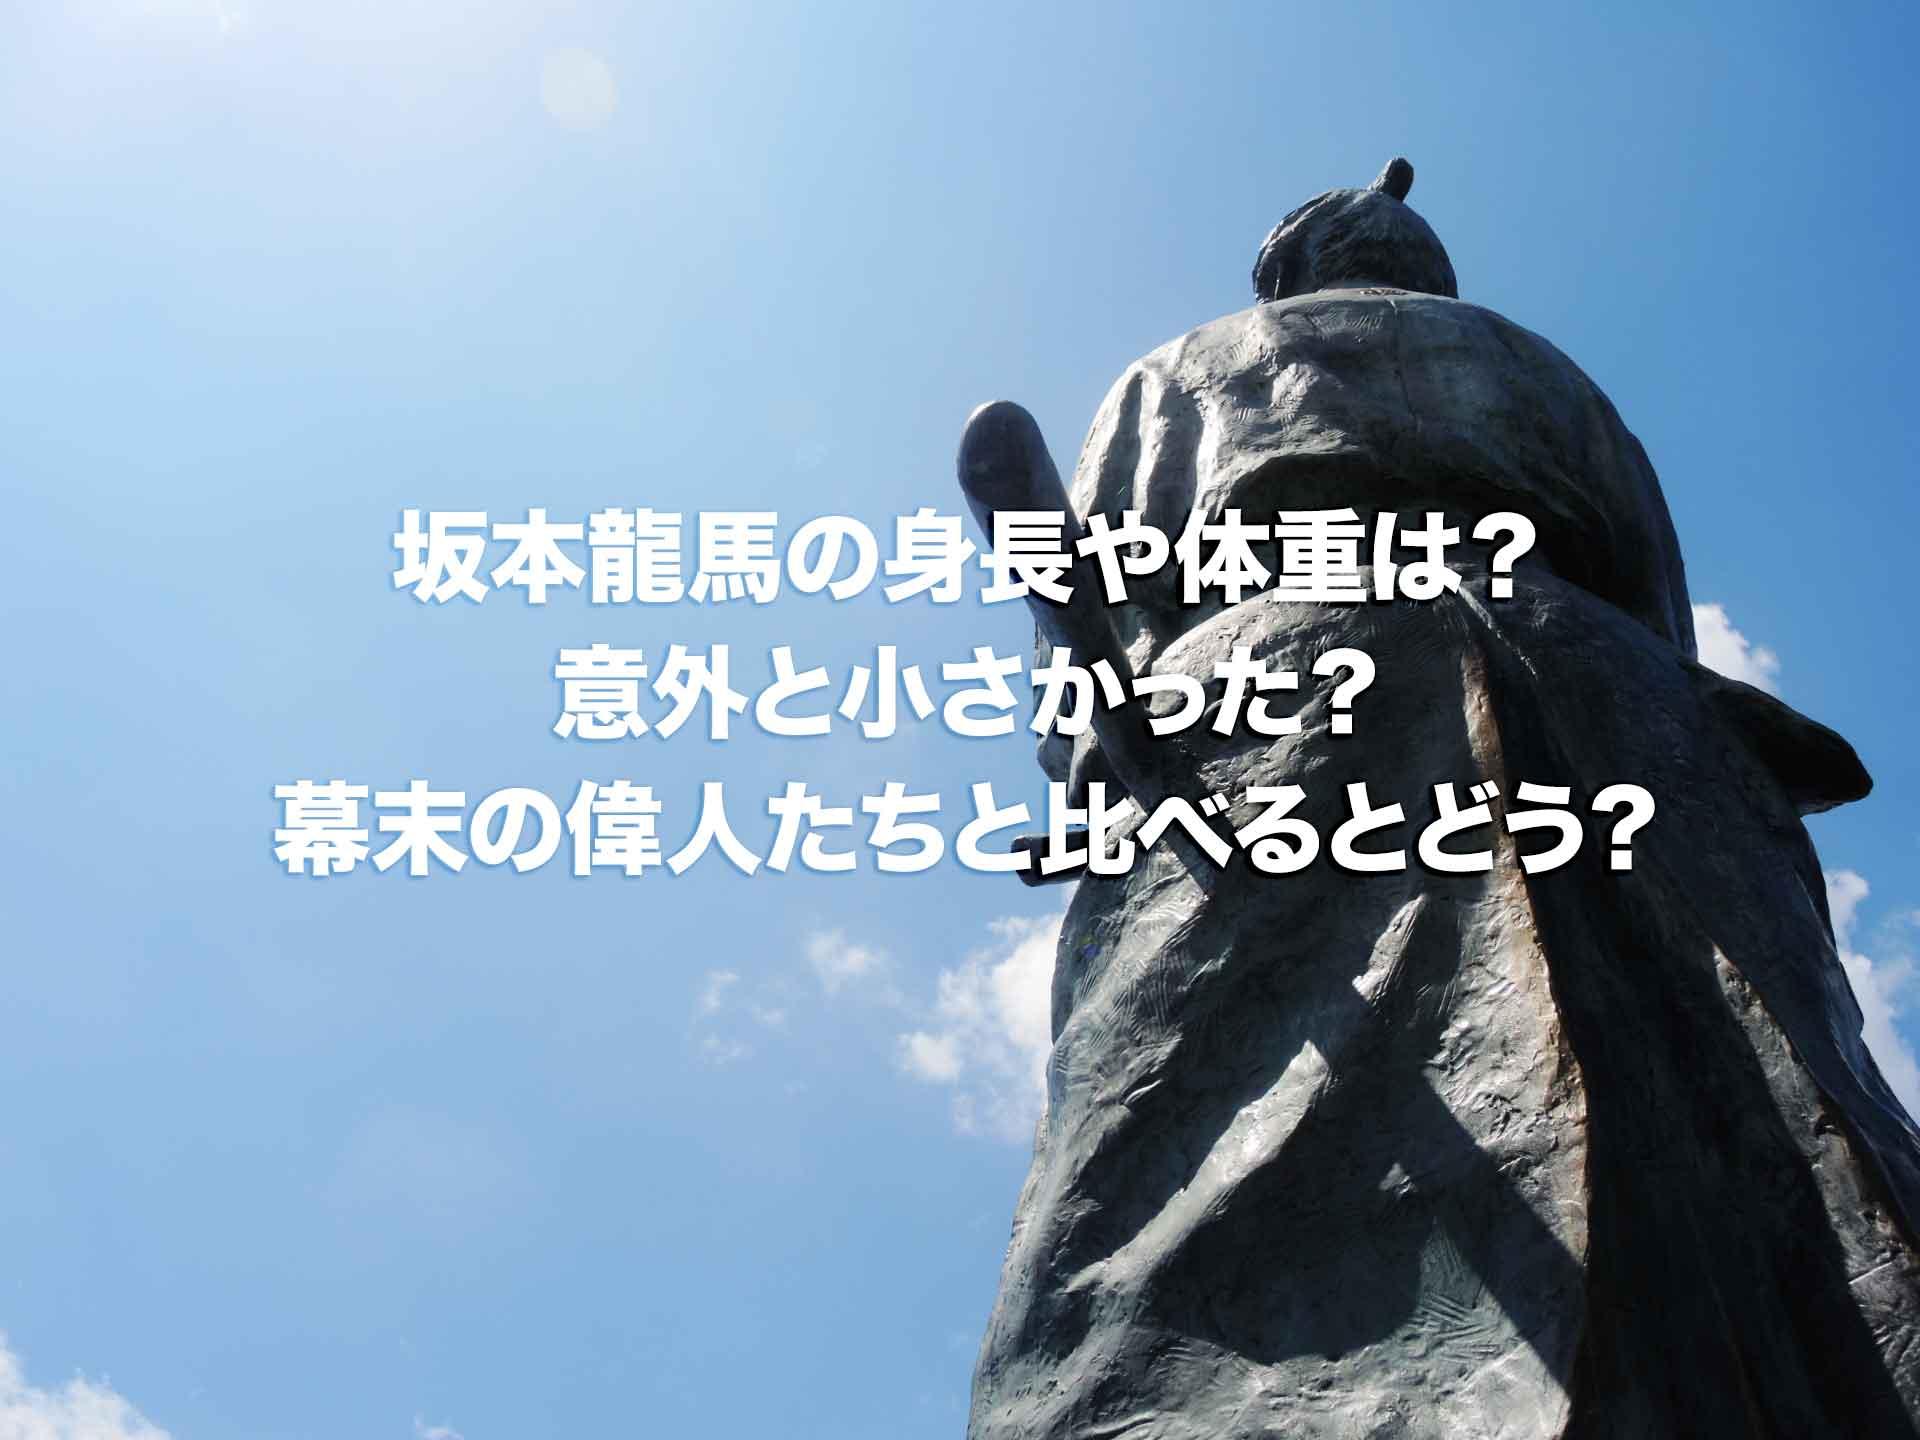 坂本龍馬の身長や体重は?意外と小さかった?幕末の偉人たちと比べるとどう?